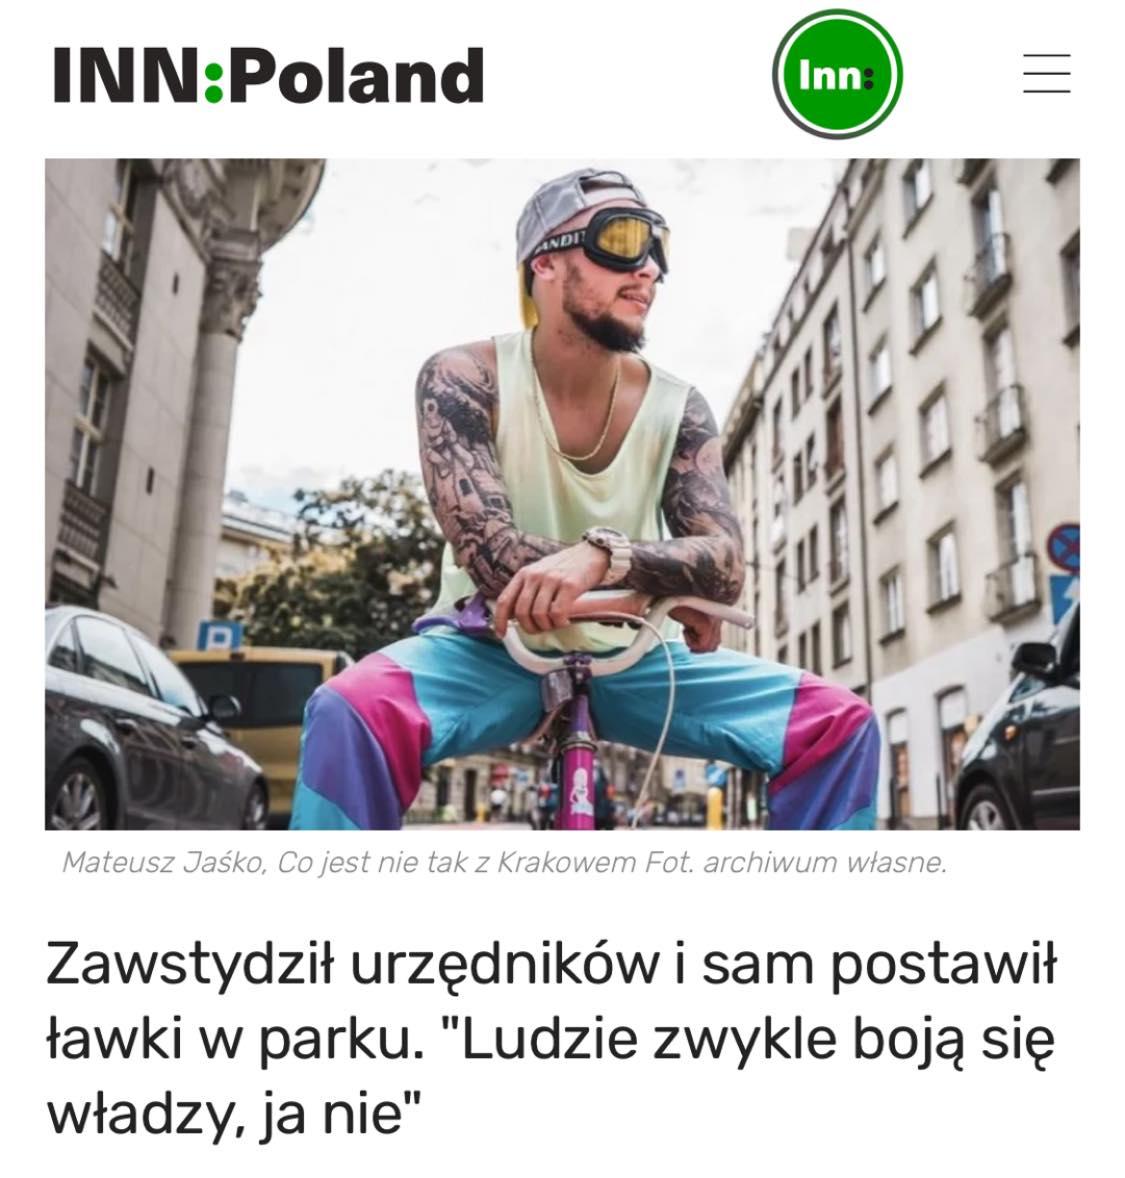 Mateusz Jaśko Co jest nie tak z Krakowem InnPoland